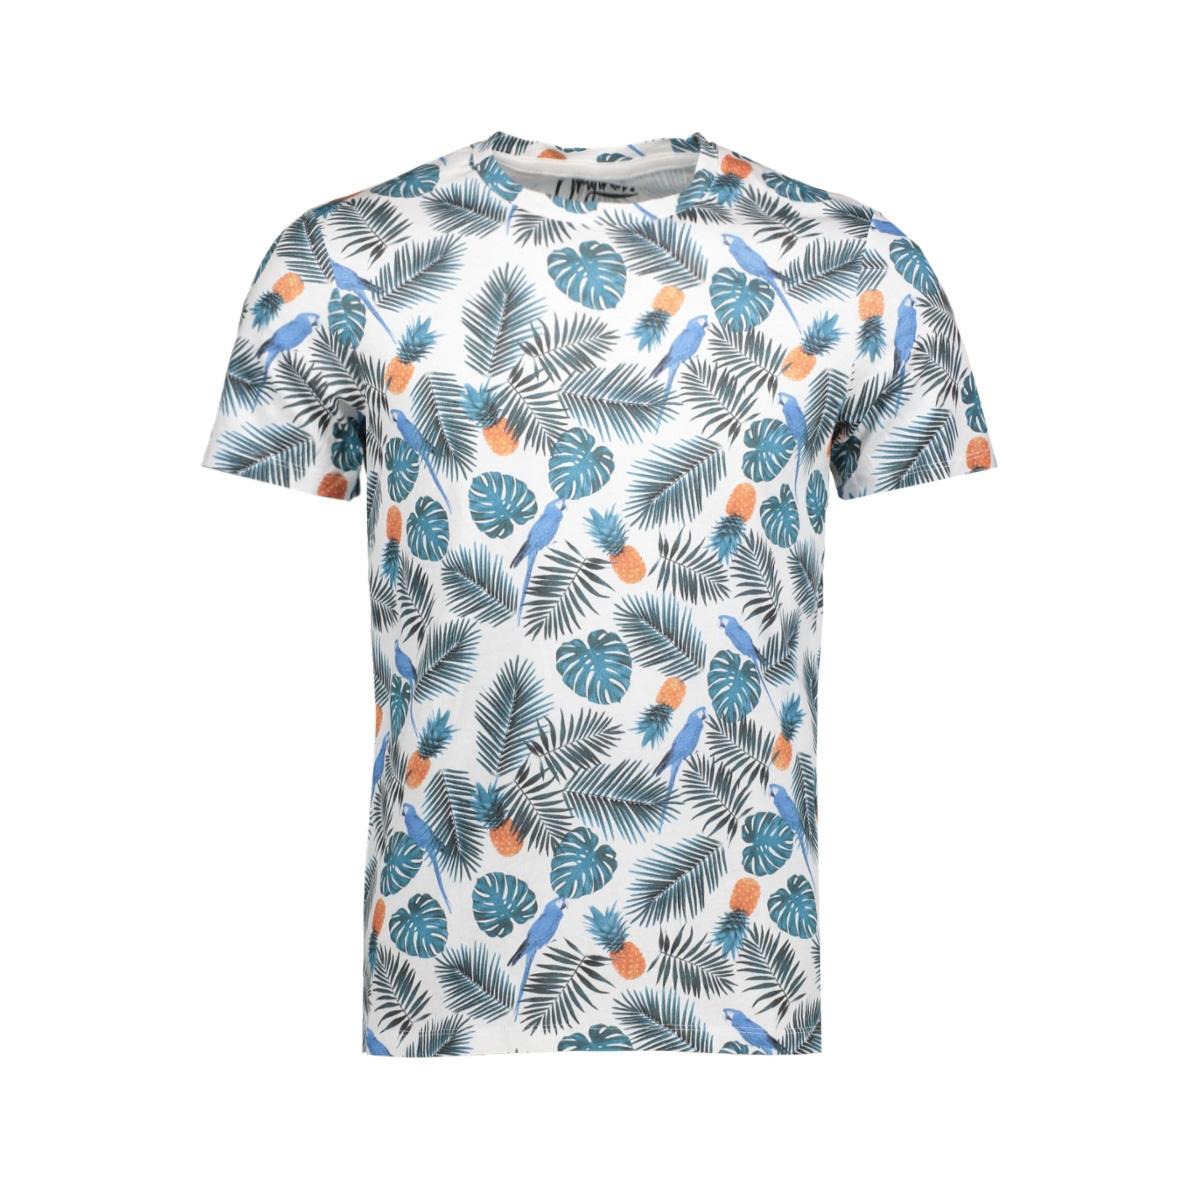 jorbotanique aop tee ss crew neck 12137048 jack & jones t-shirt cloud dancer